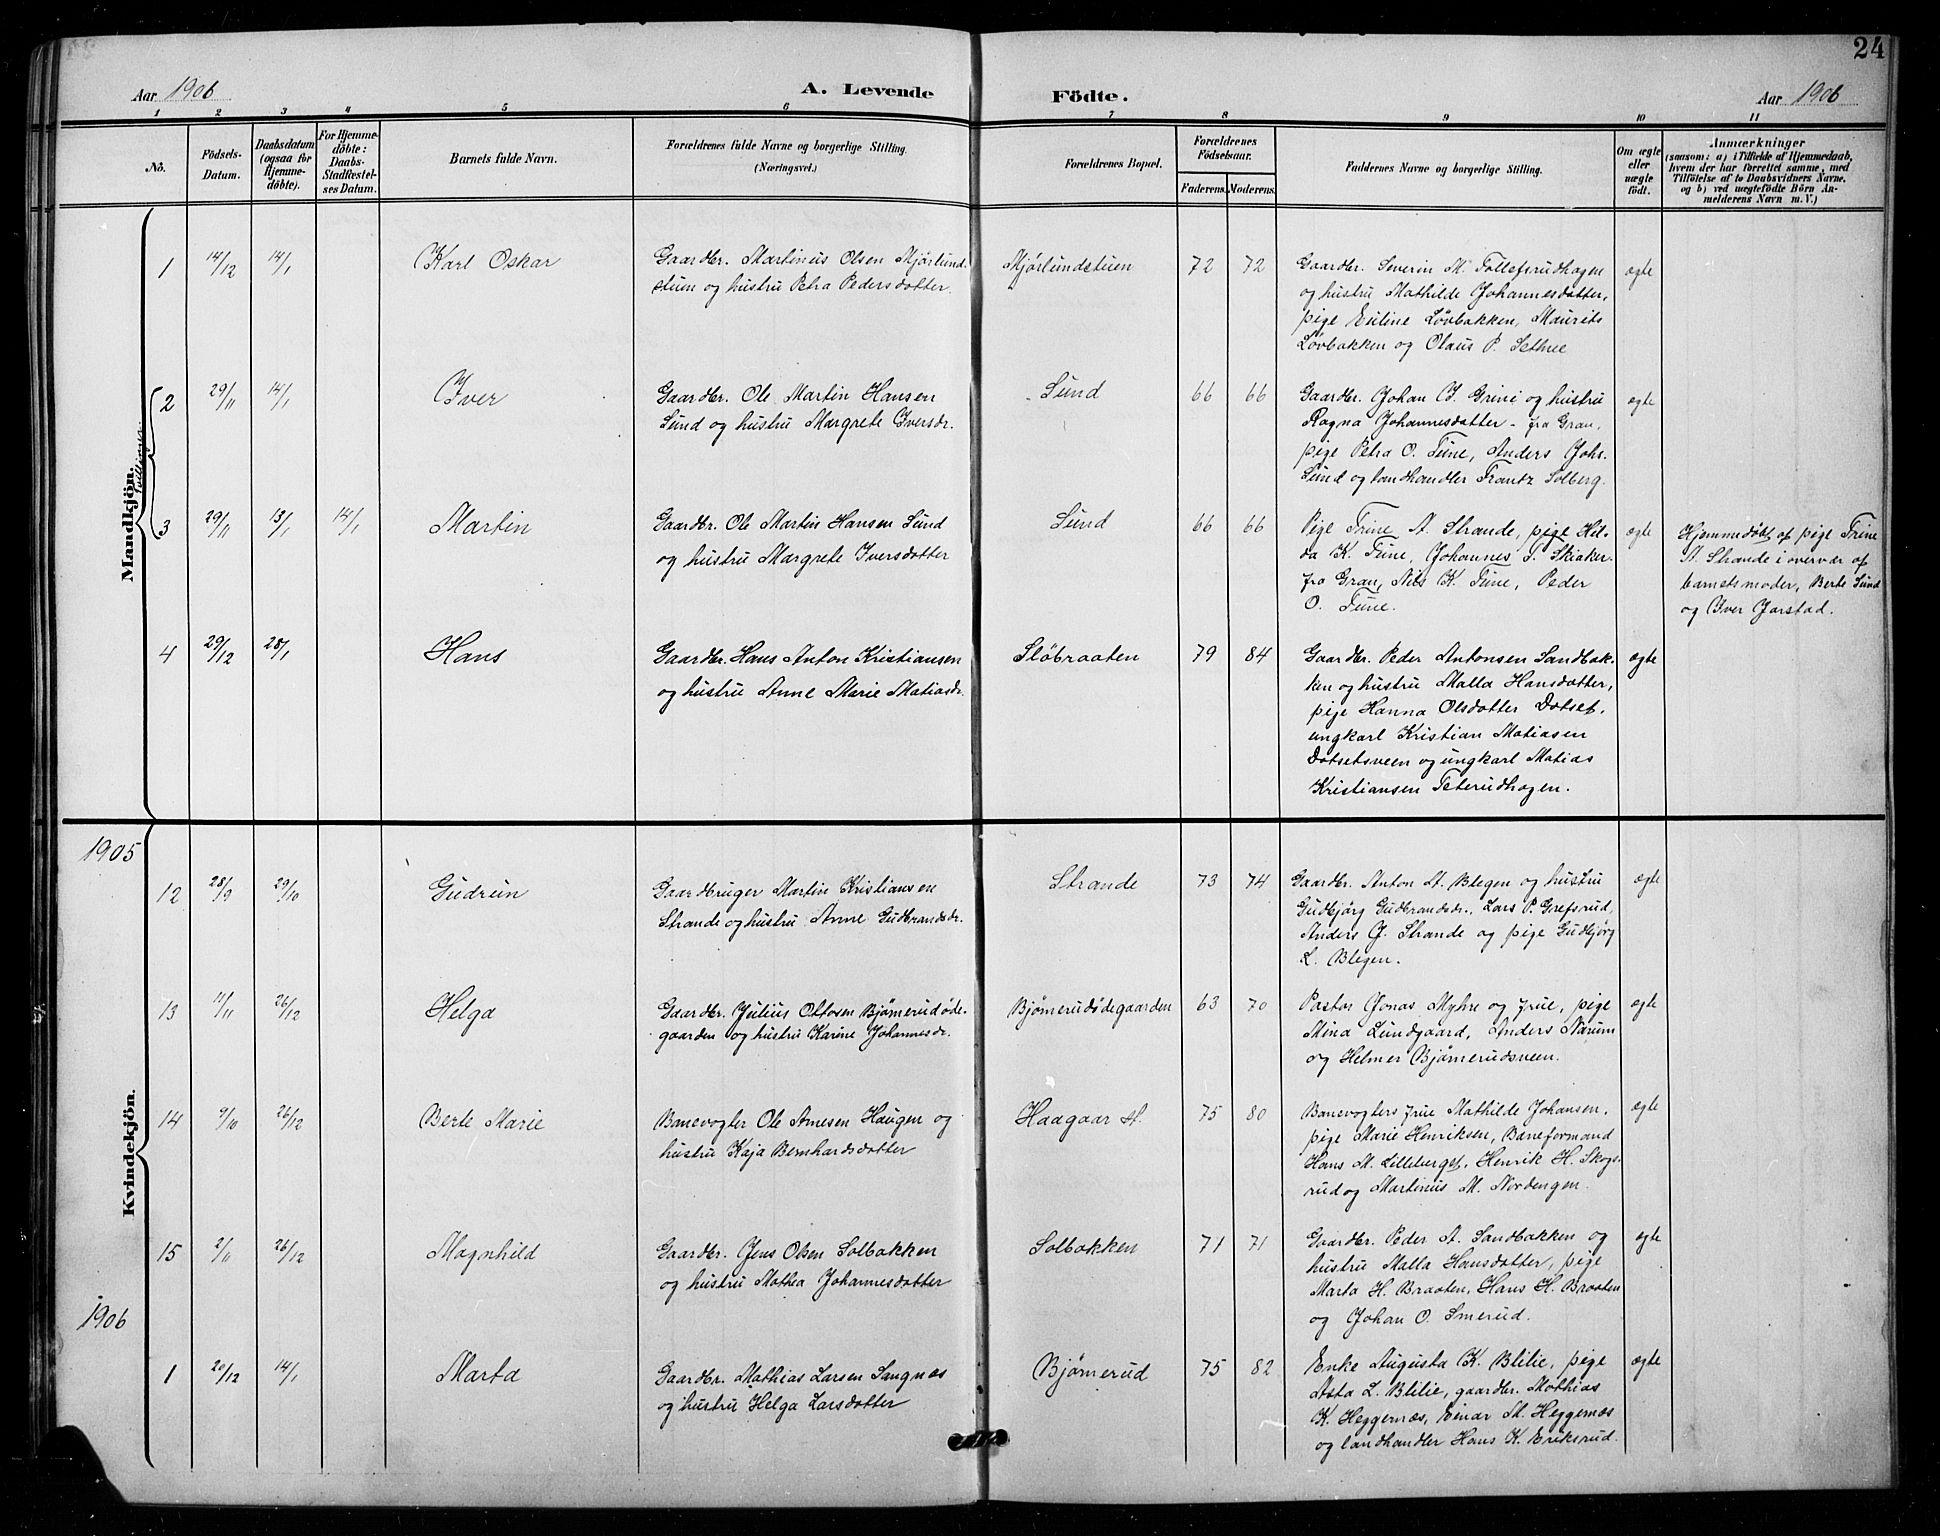 SAH, Vestre Toten prestekontor, H/Ha/Hab/L0016: Klokkerbok nr. 16, 1901-1915, s. 24